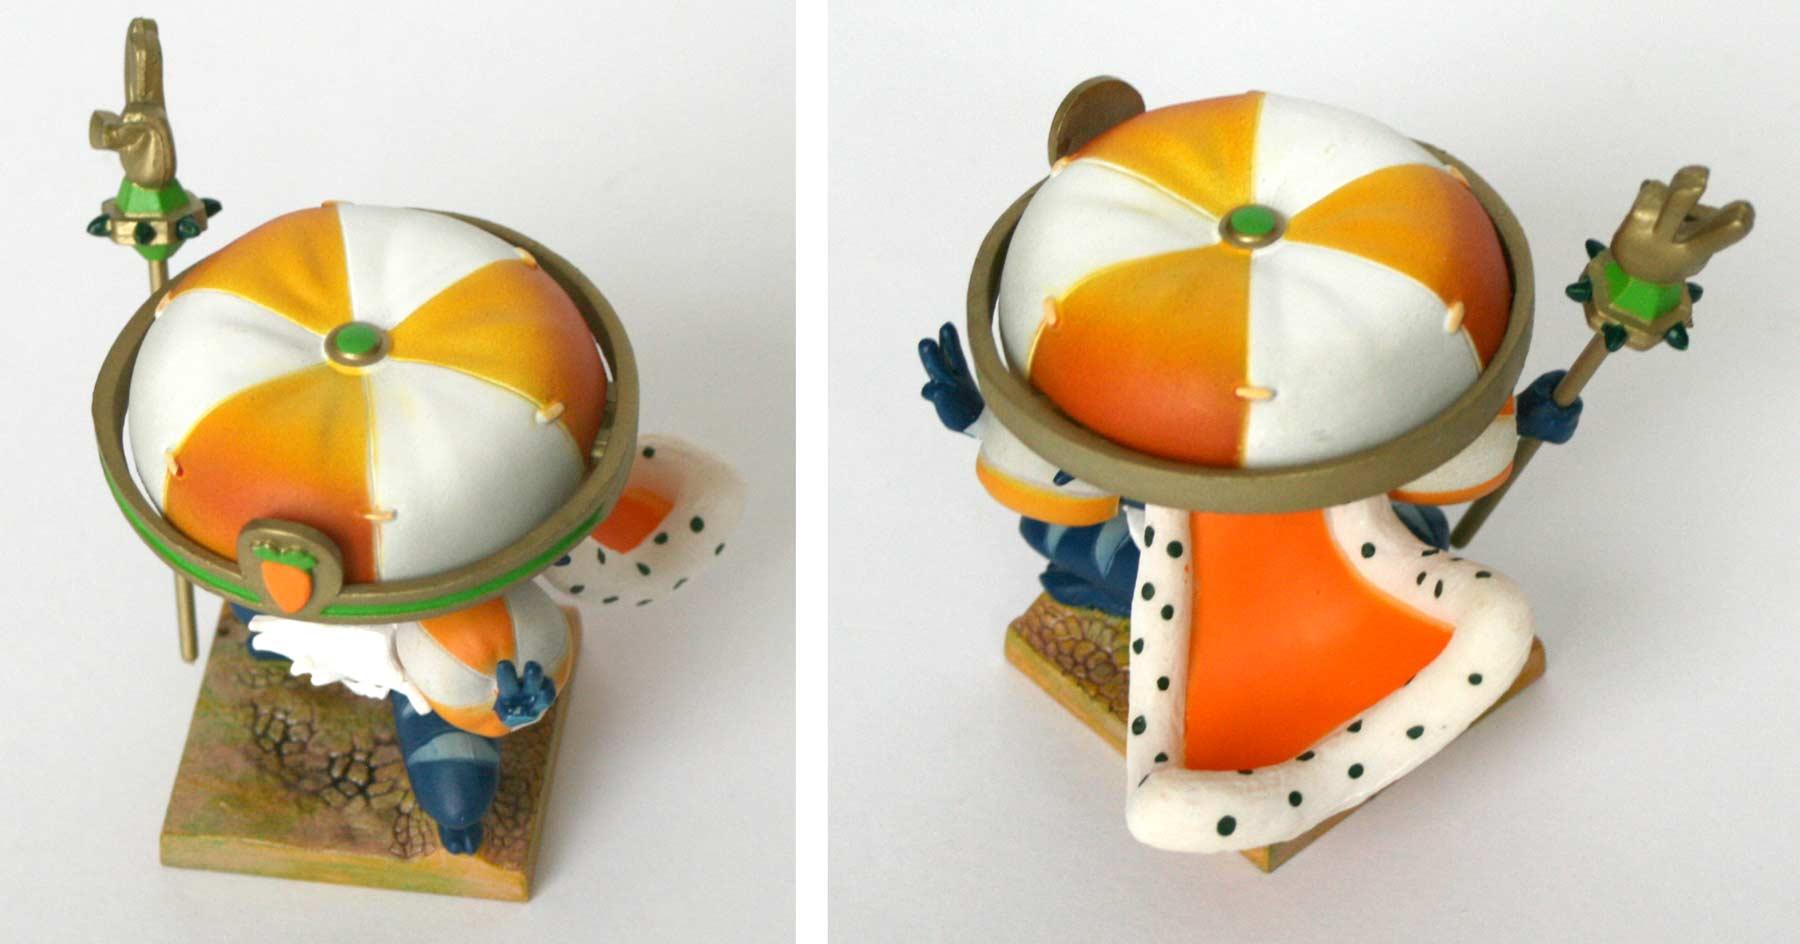 La peinture du chapeau du Wa Wabbit est en dégradé